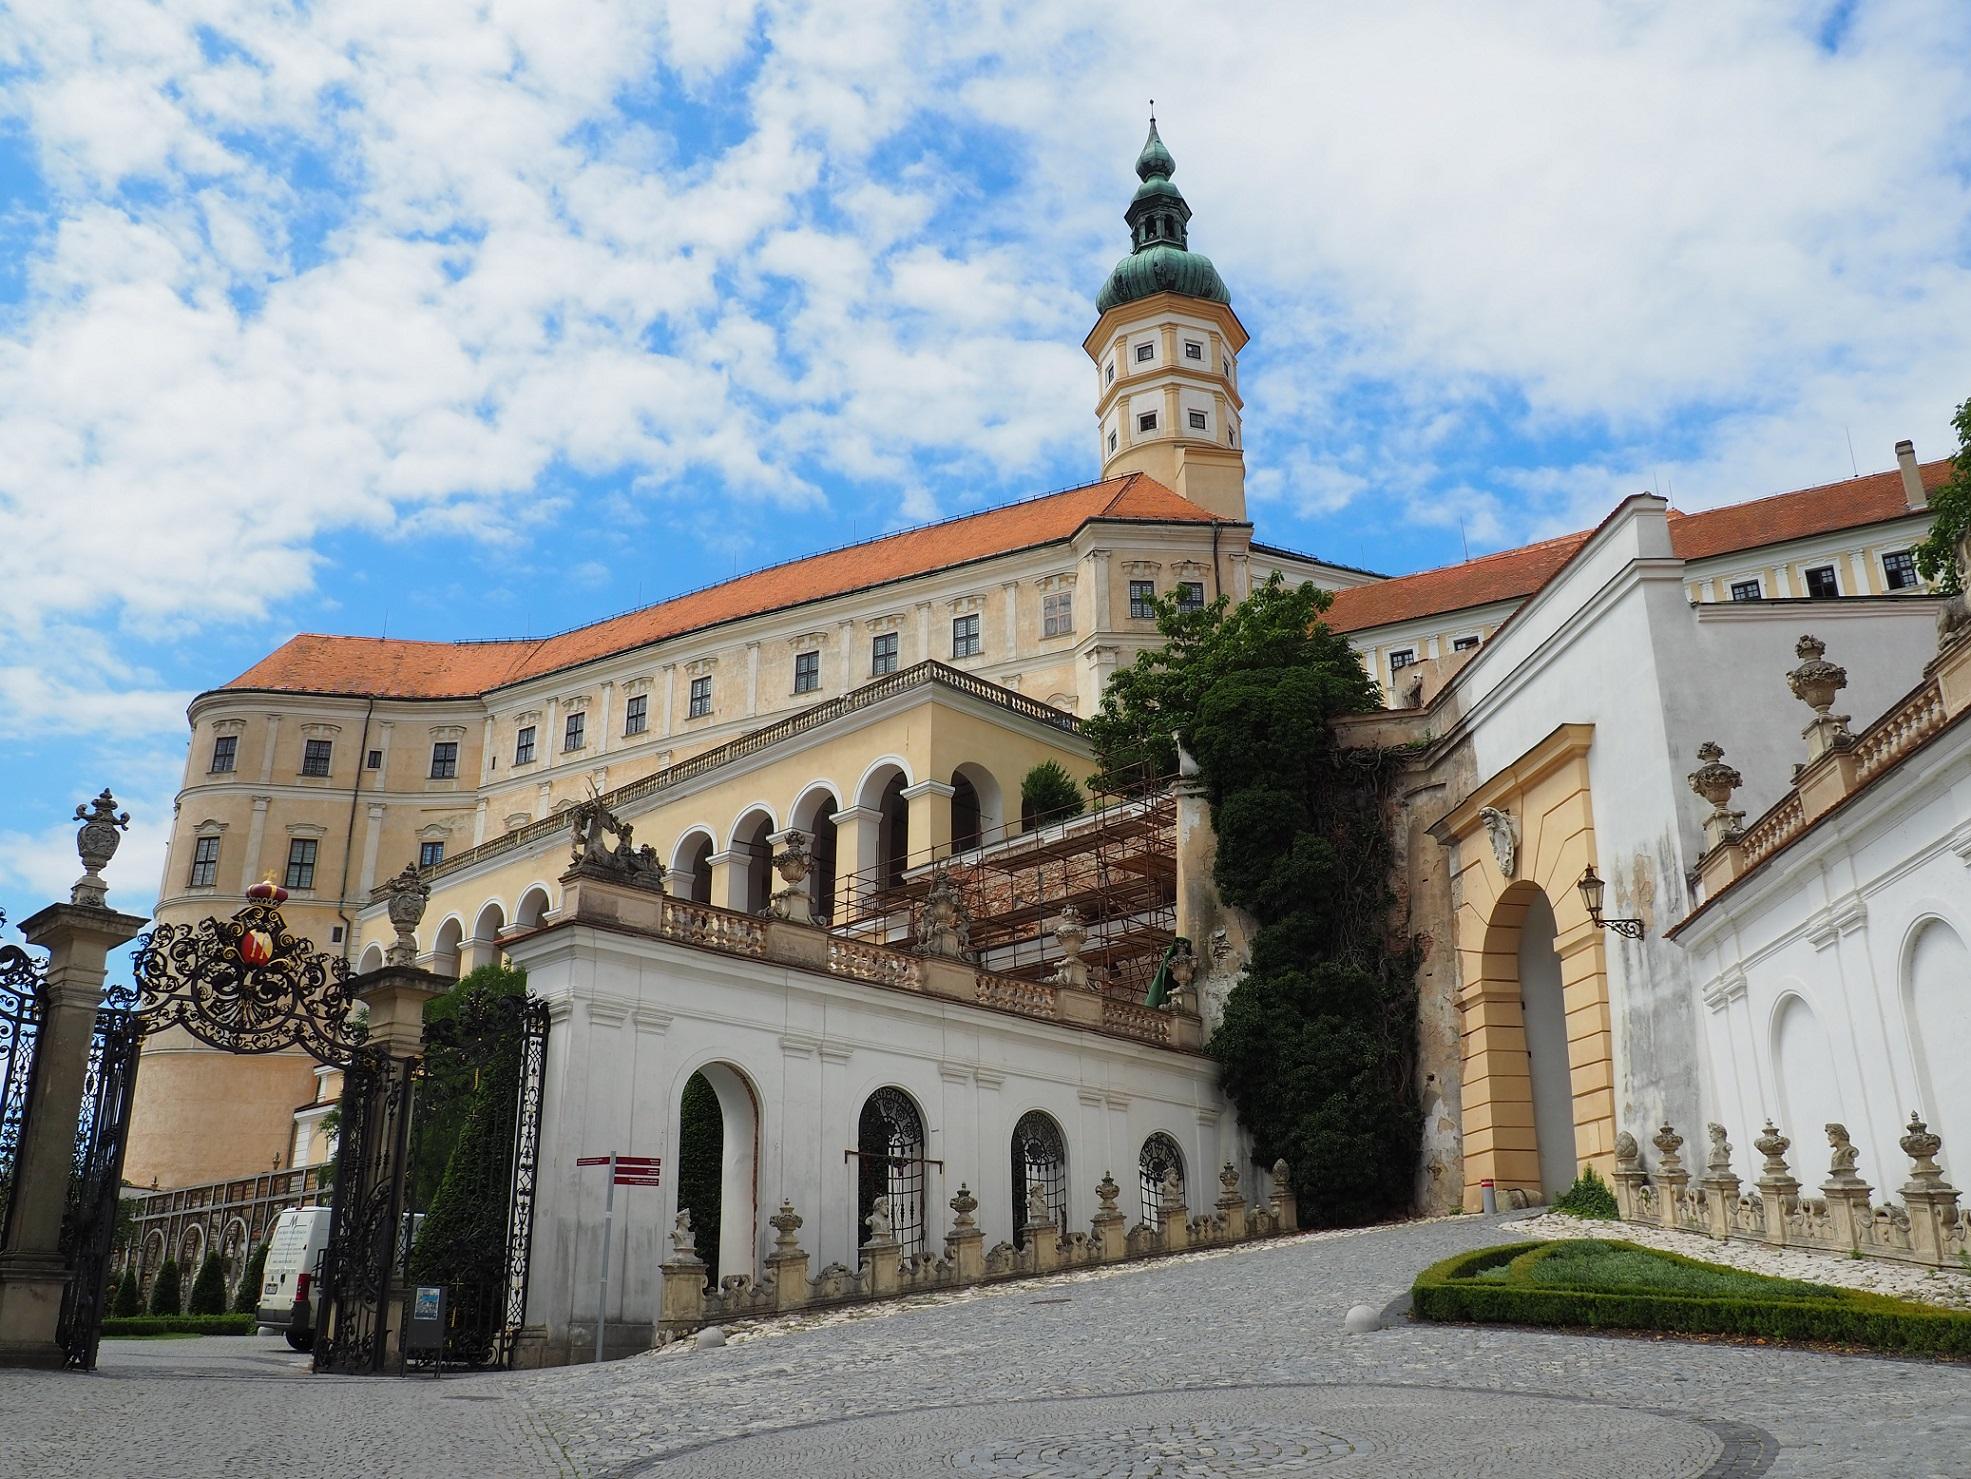 Château à Mikulov en Moravie, République Tchèque